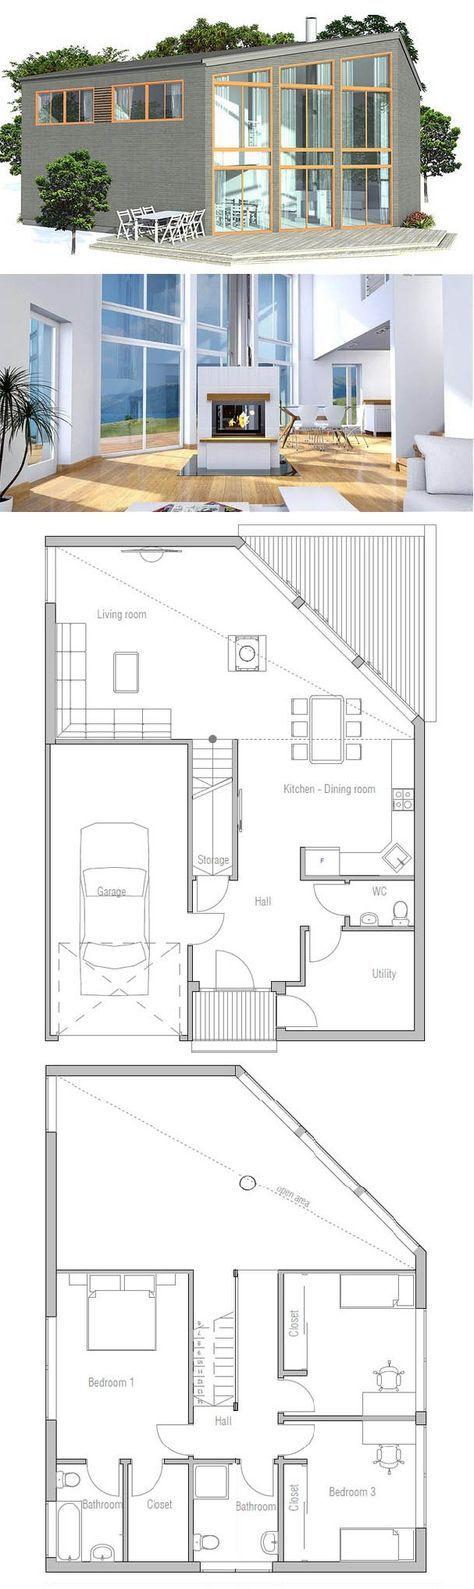 manque 1 chambre Plan de maison sur 150m2 de terrain Pinterest